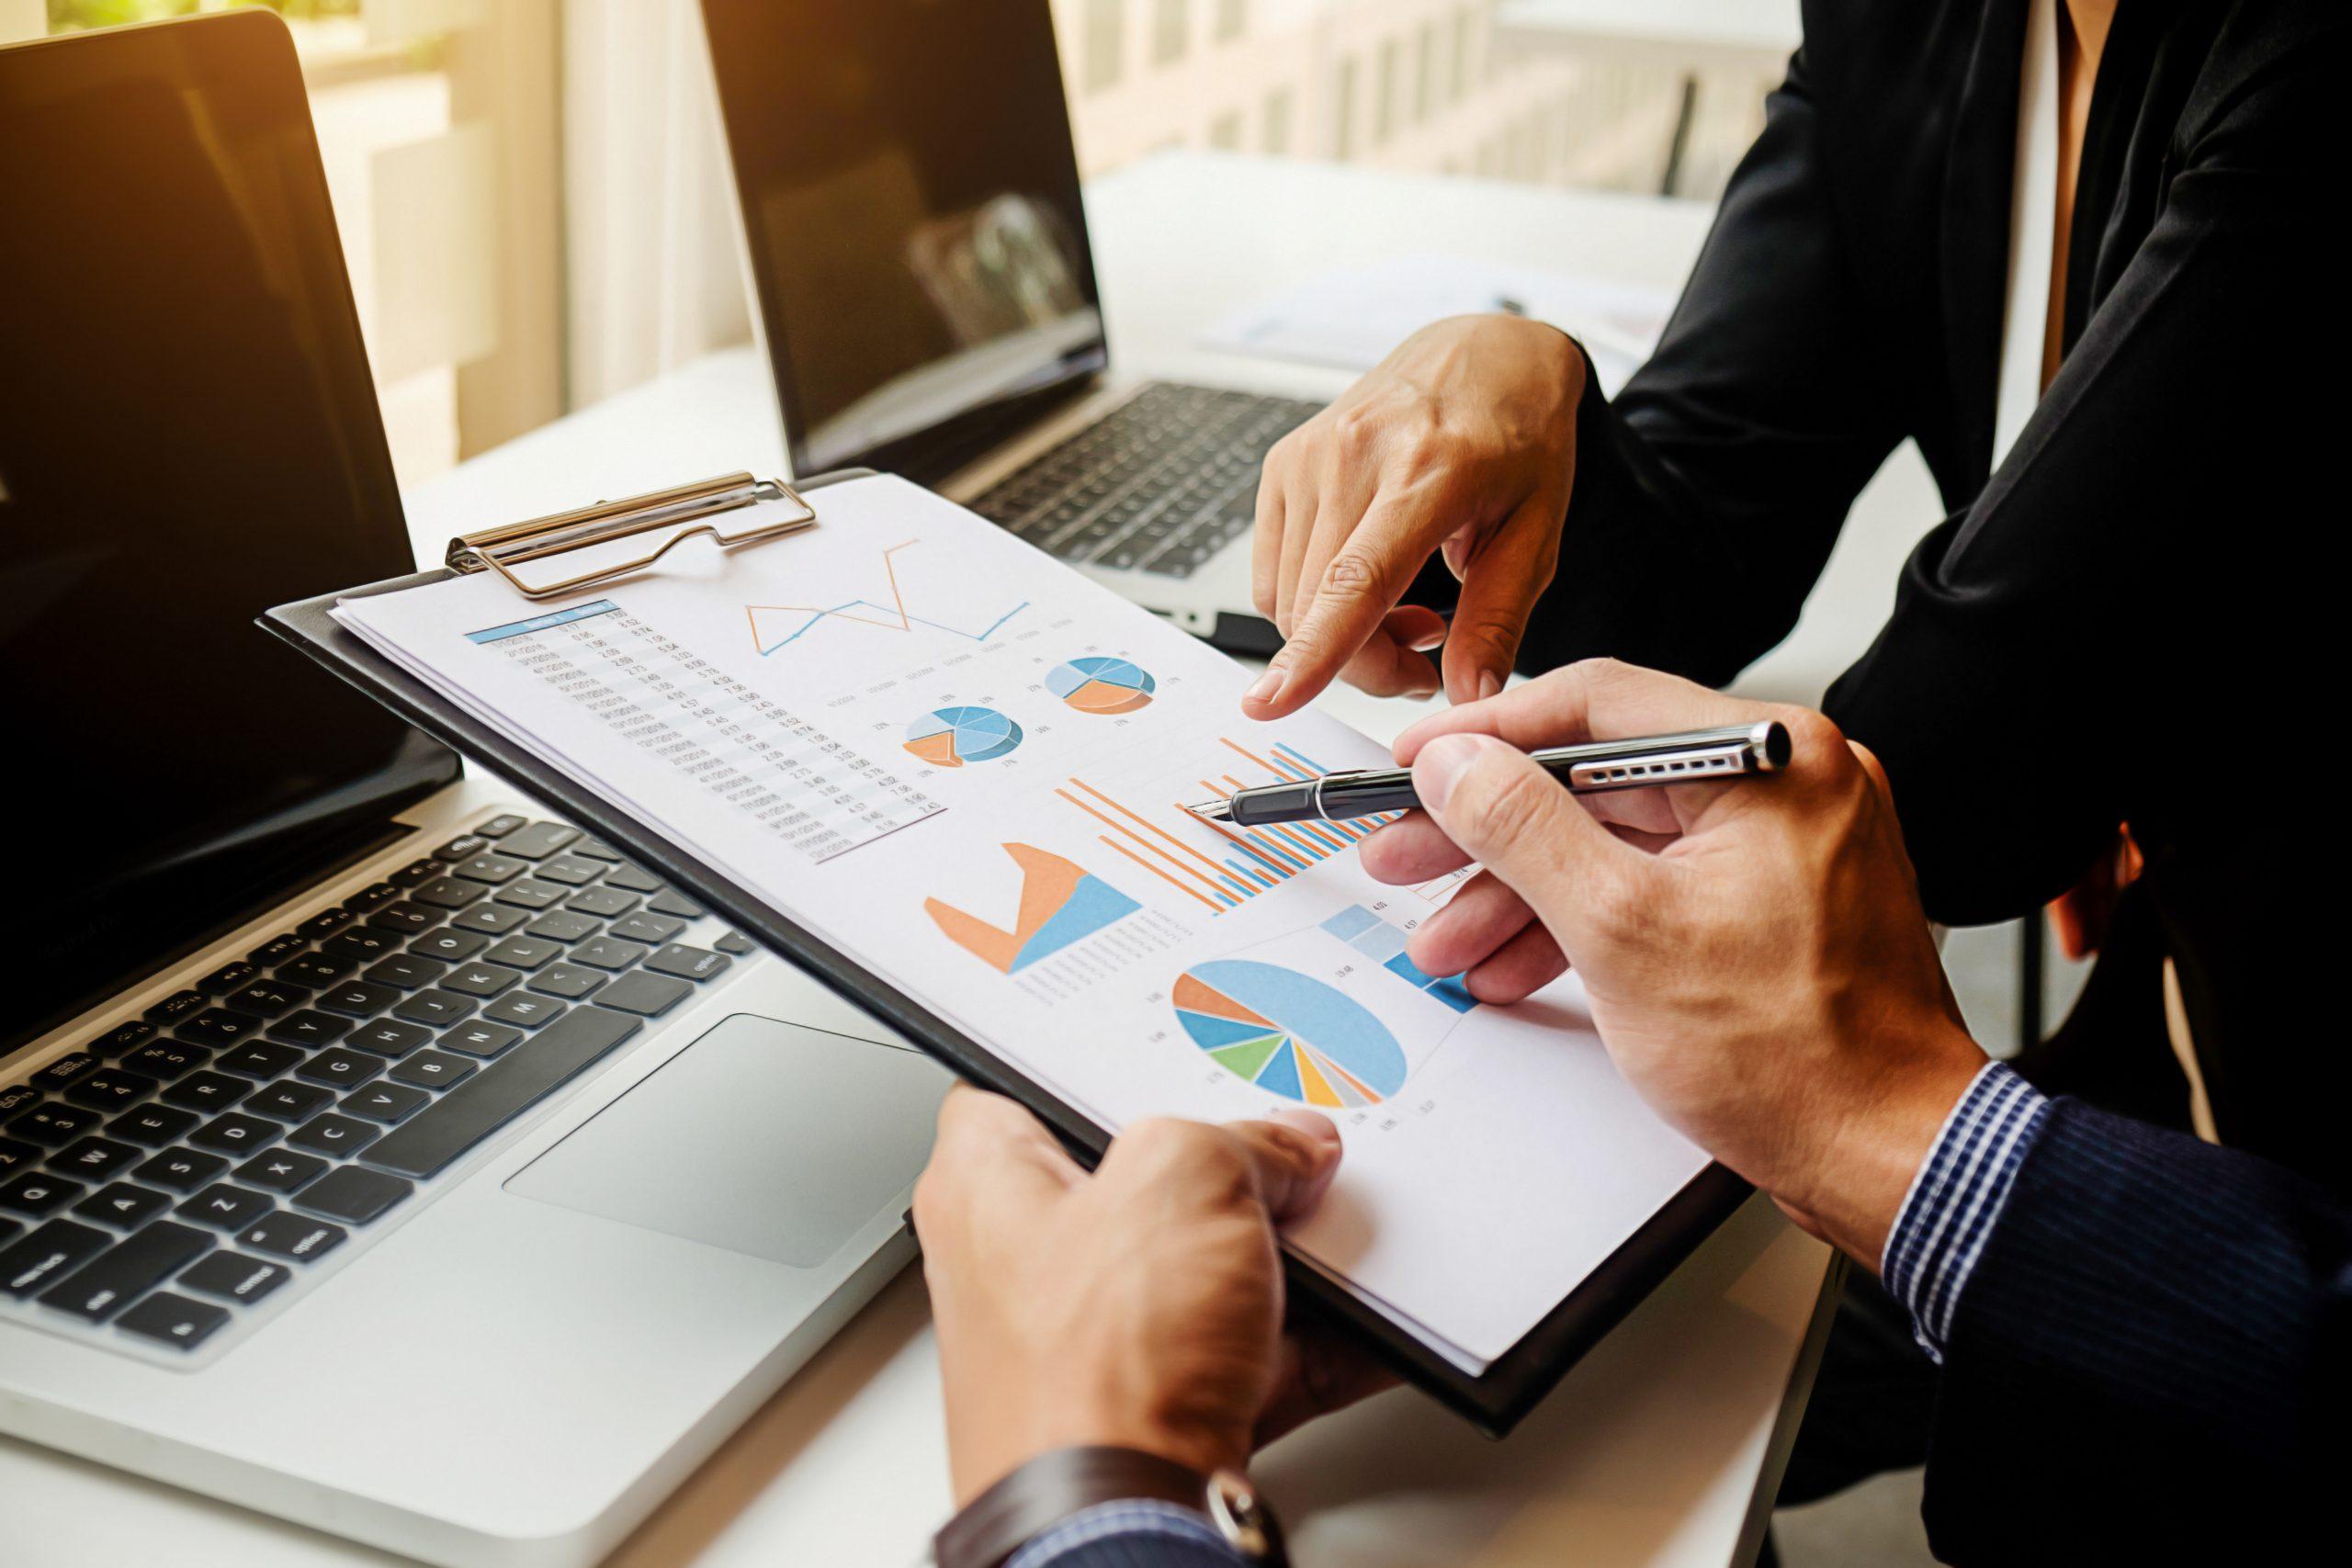 NetSuite giúp doanh nghiệp thúc đẩy chuyển đổi số như thế nào?